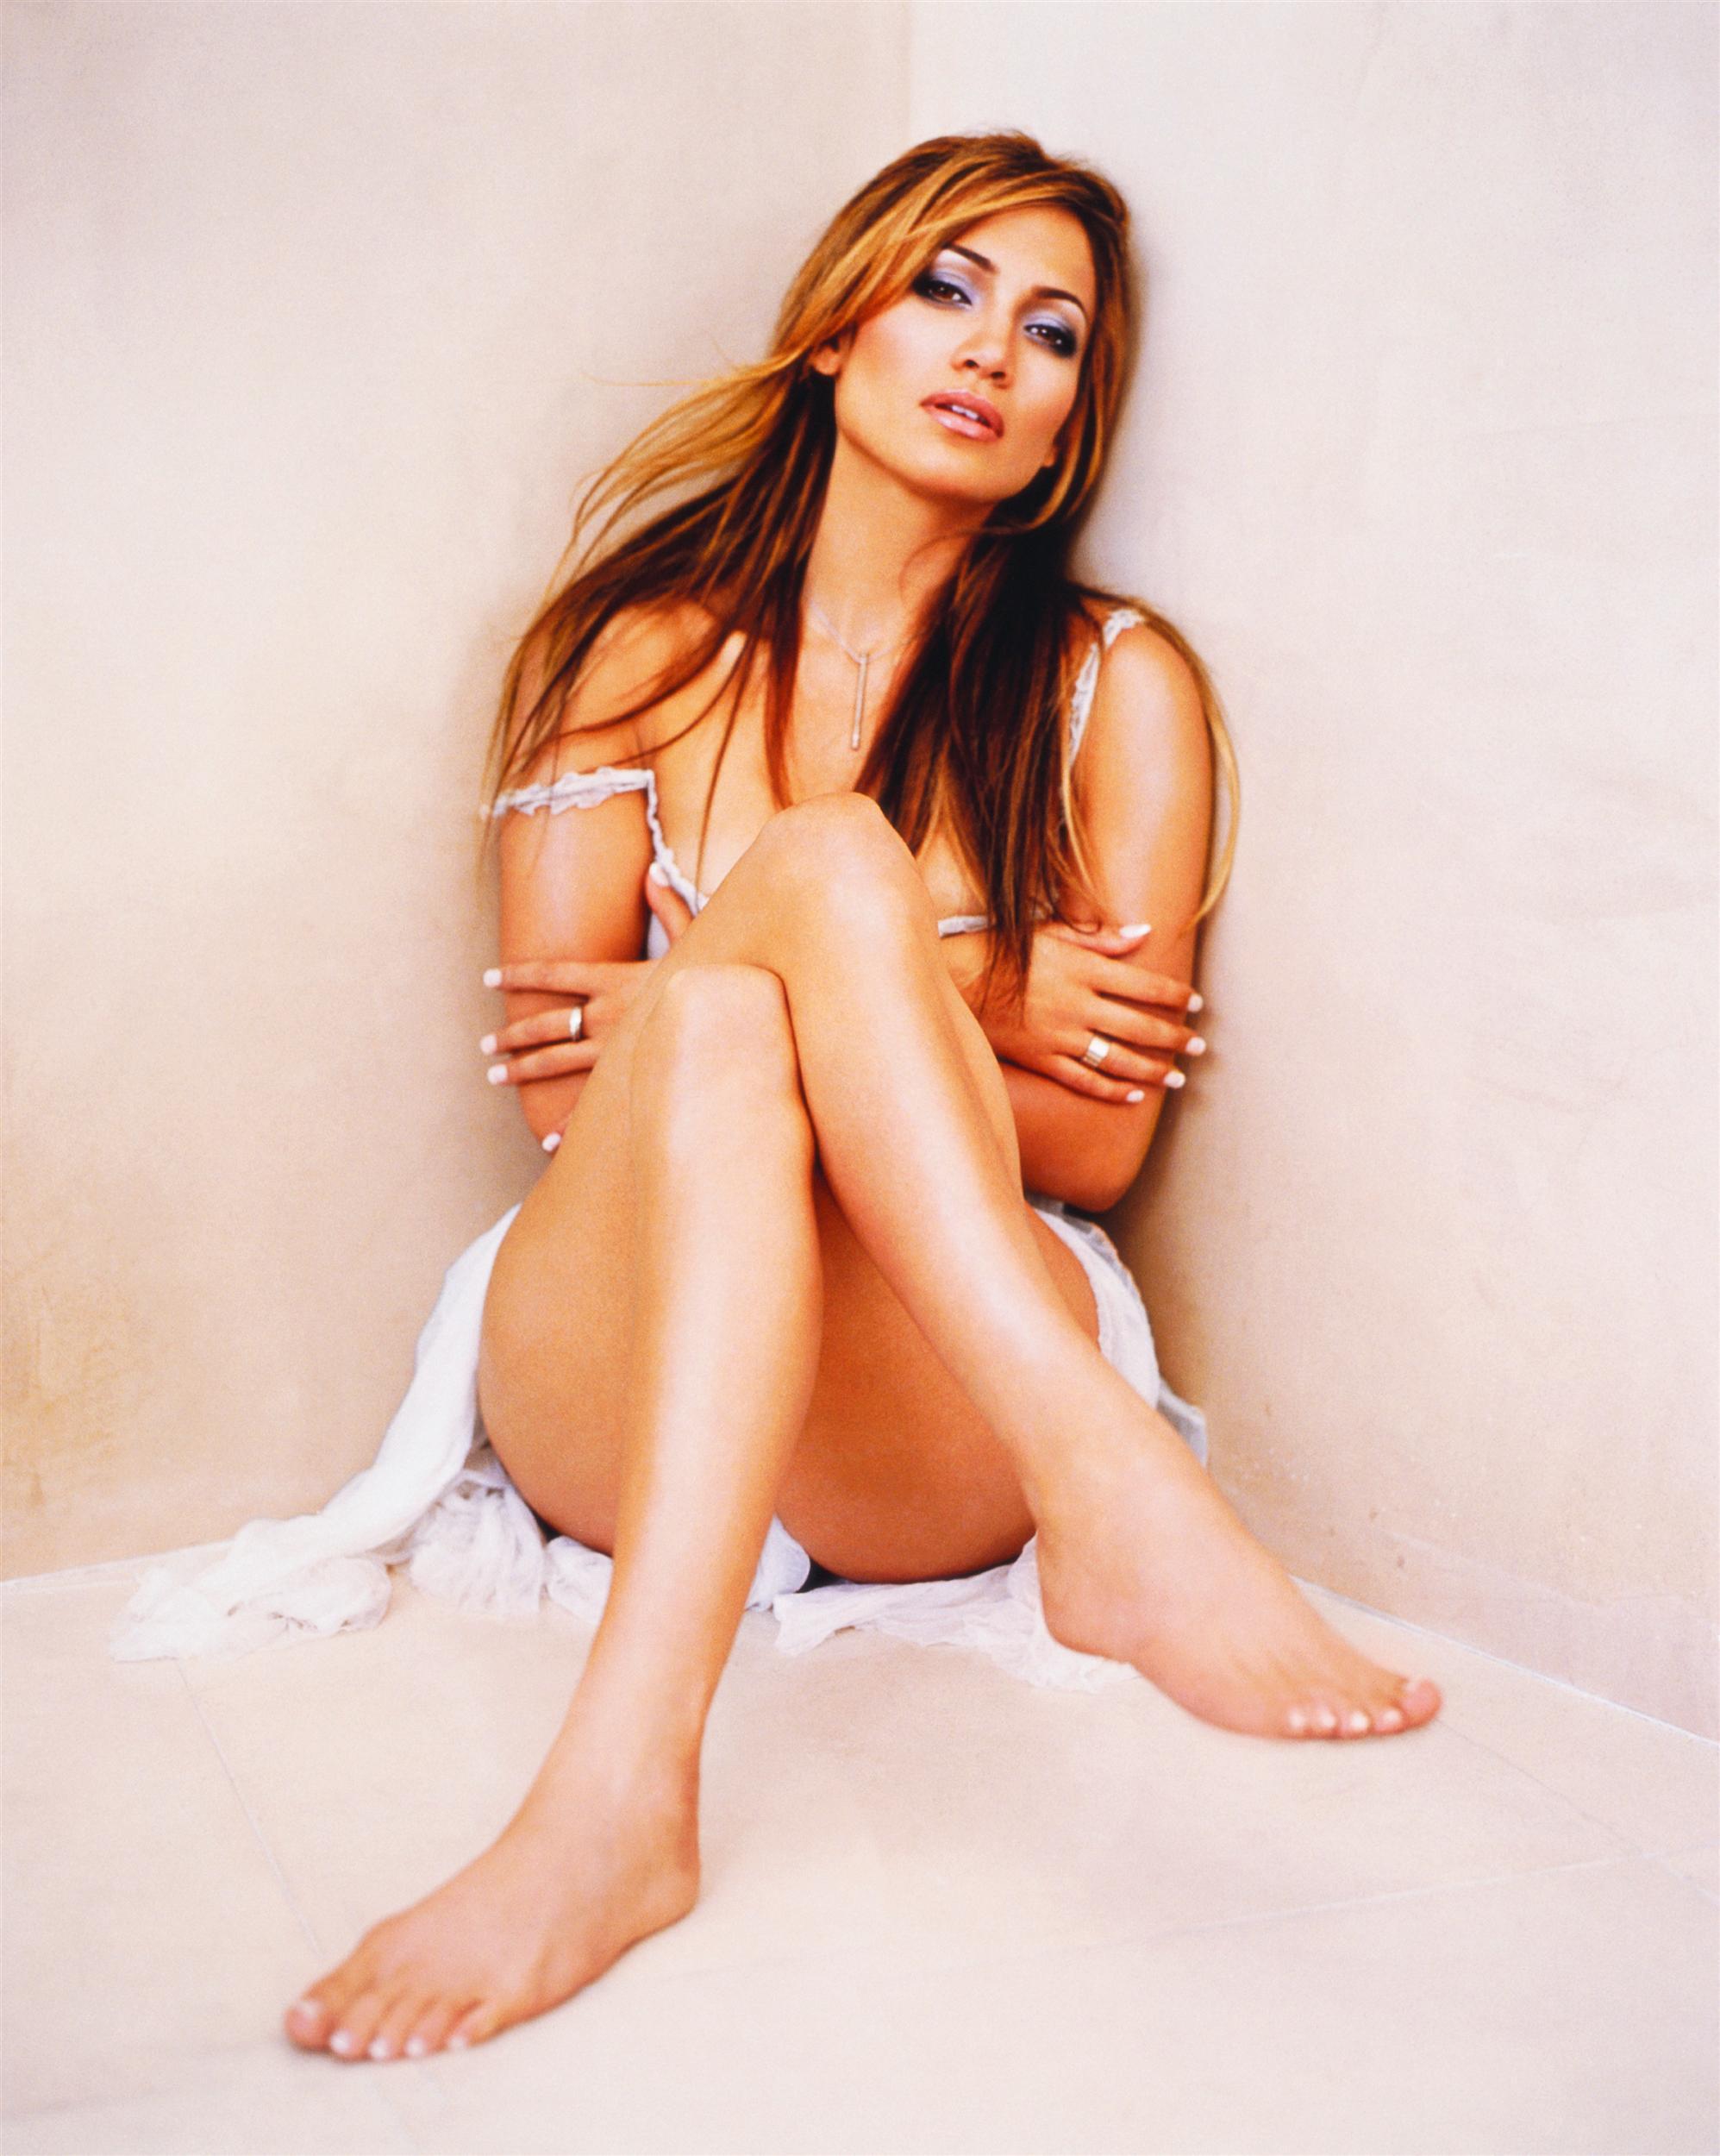 Leslie J. - Sweet Seduction